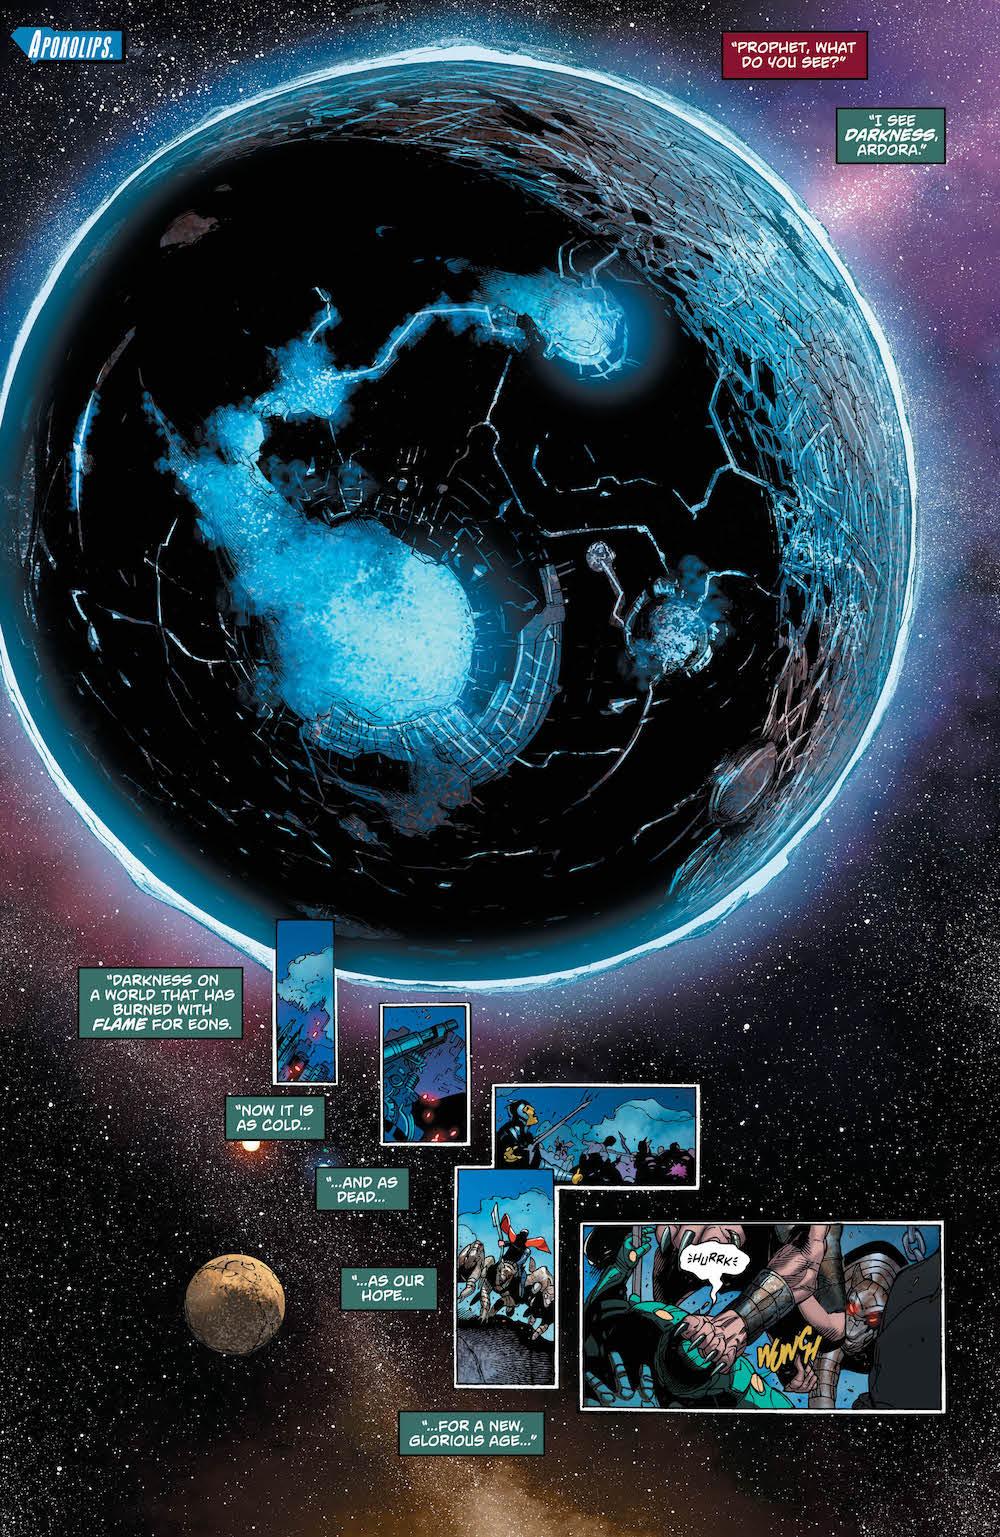 Superman 36, Apokolips, Lex Luthor